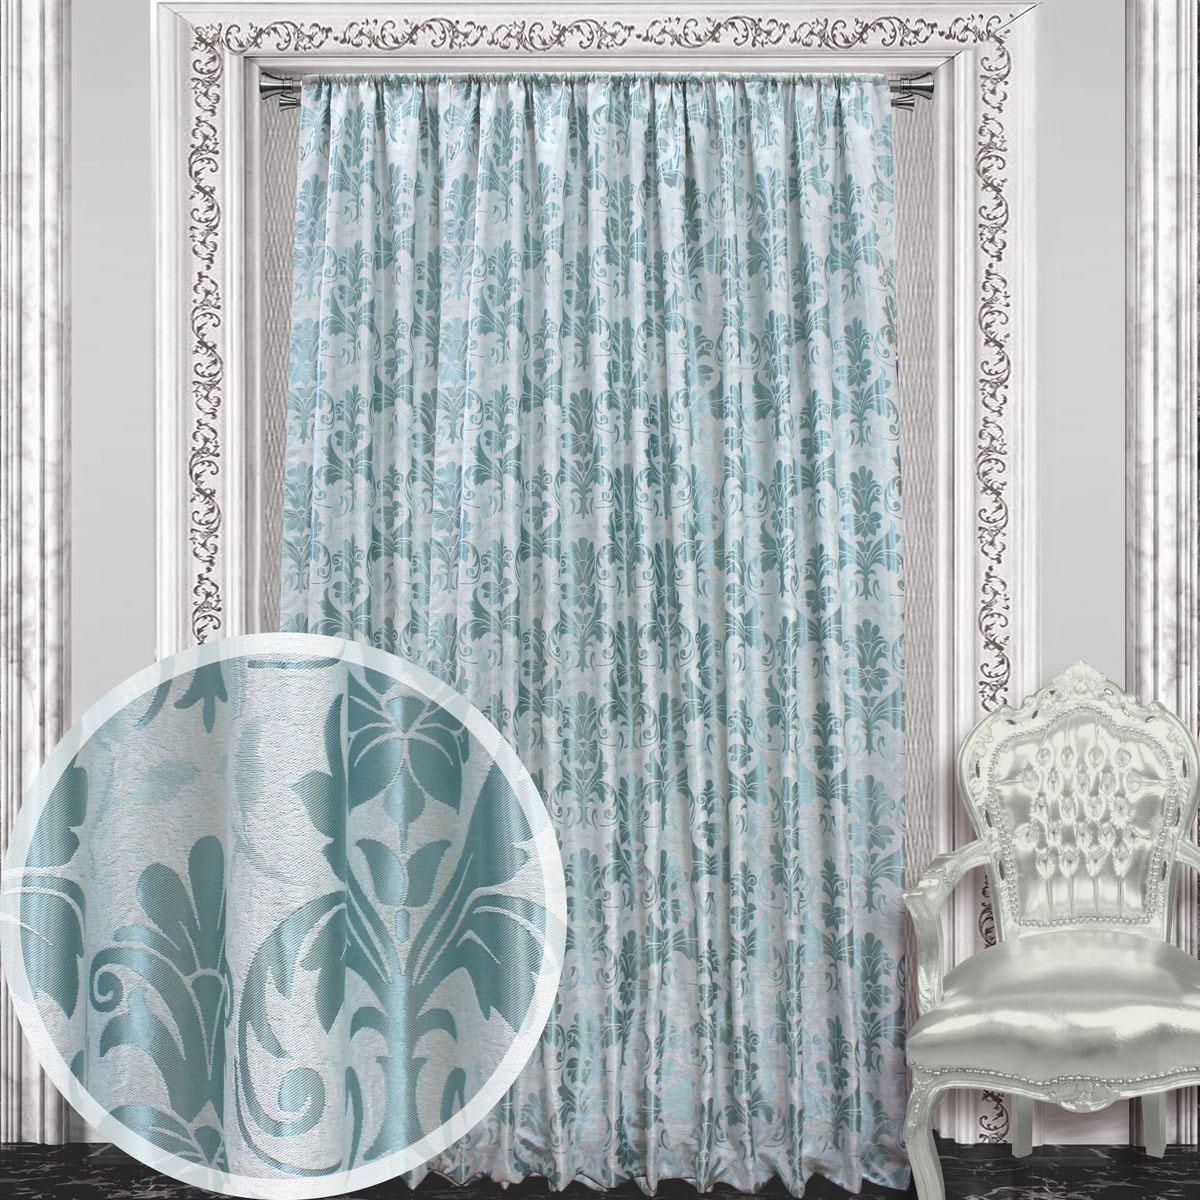 Штора Amore Mio, 200 х 270 см, 1 шт., цвет: серый, ментоловый. 8605086050